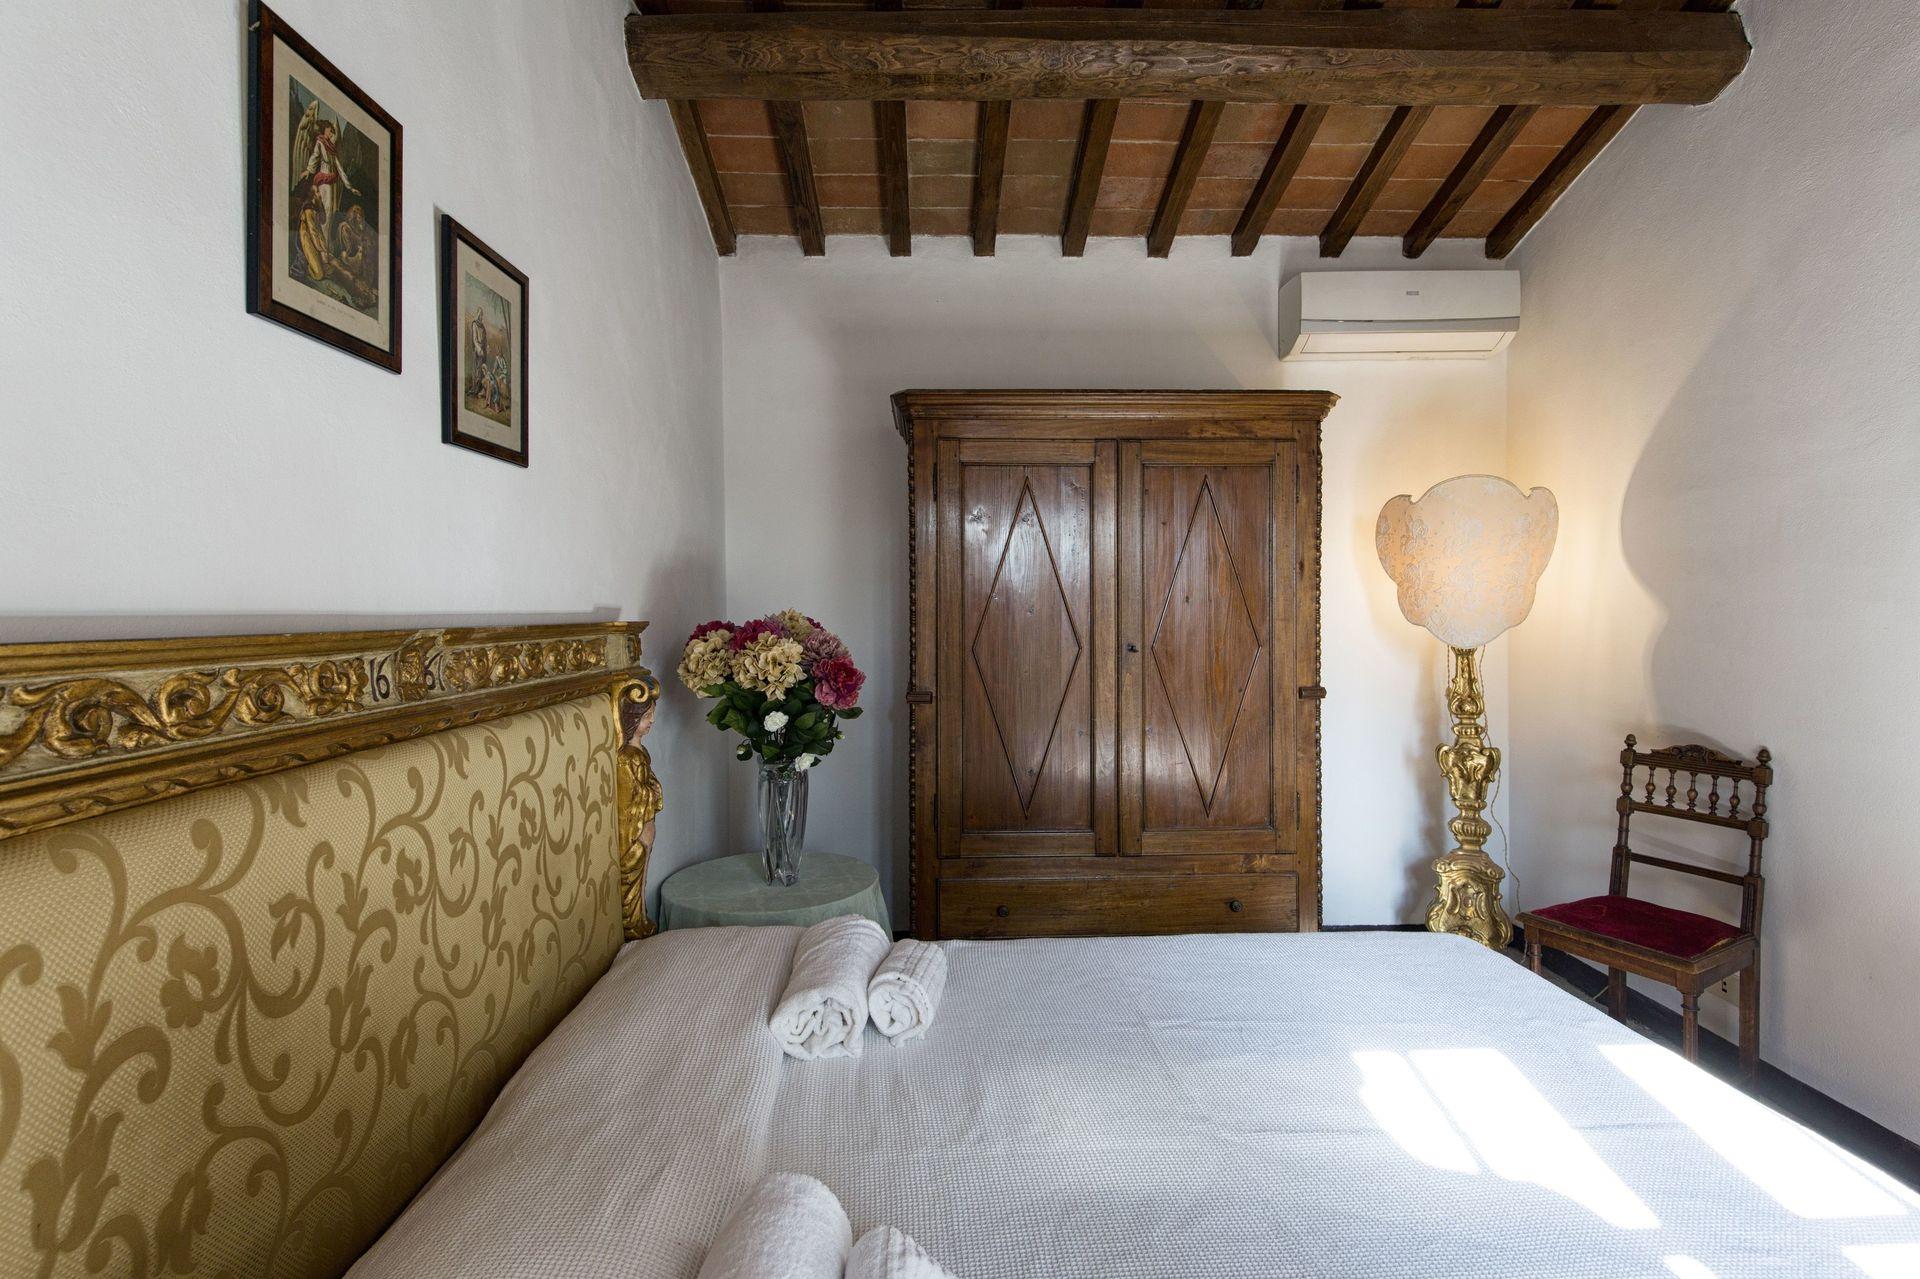 Casa Vittoria 2 - Posti Letto 2 in 1 Camere   Casa vacanza a ...